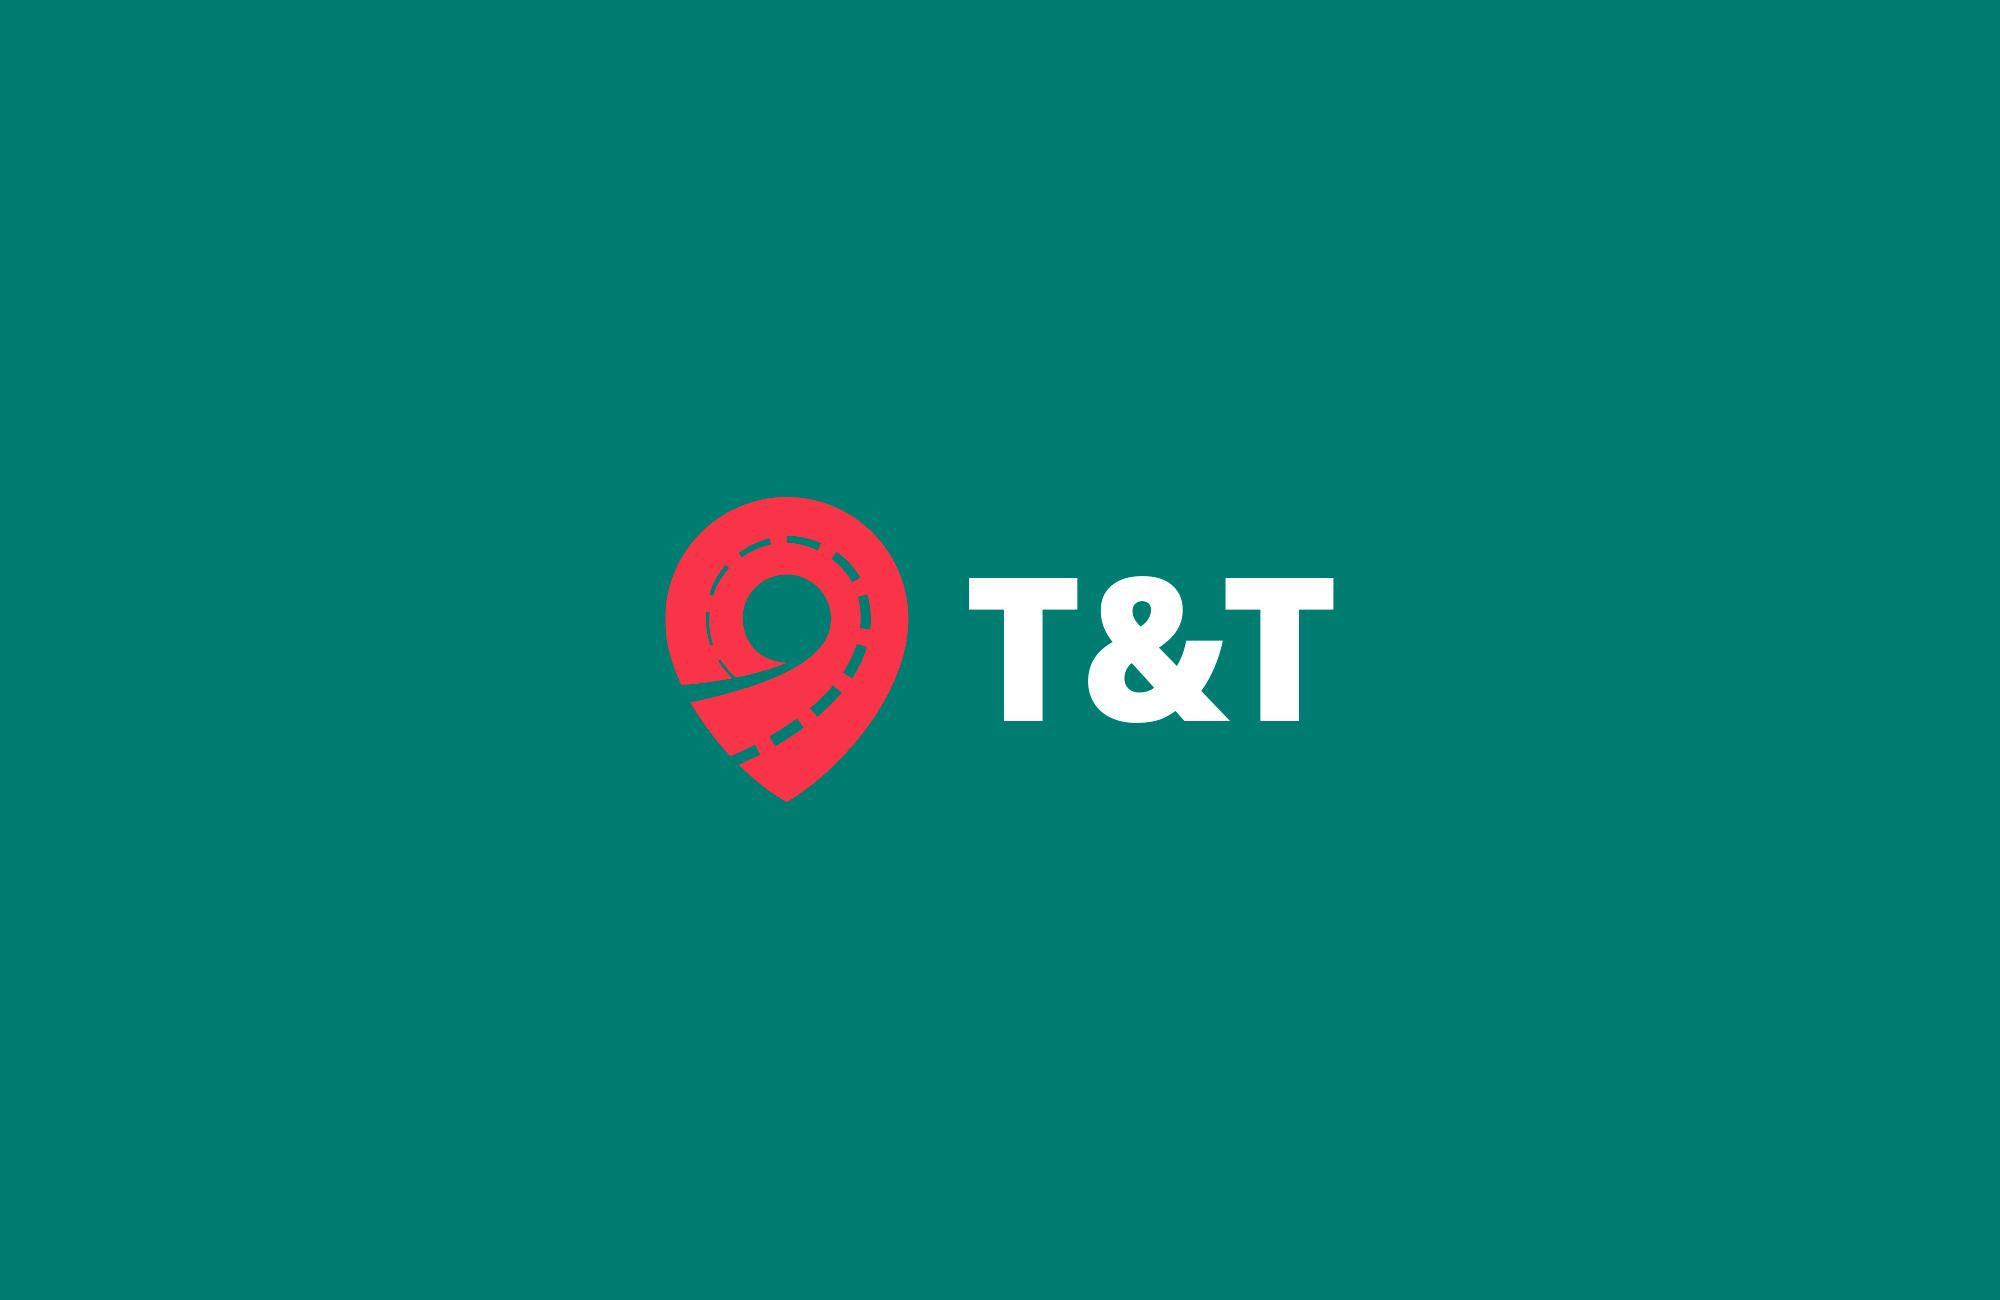 boom-agencia-marketing-digital-branding-travel-transport-logo